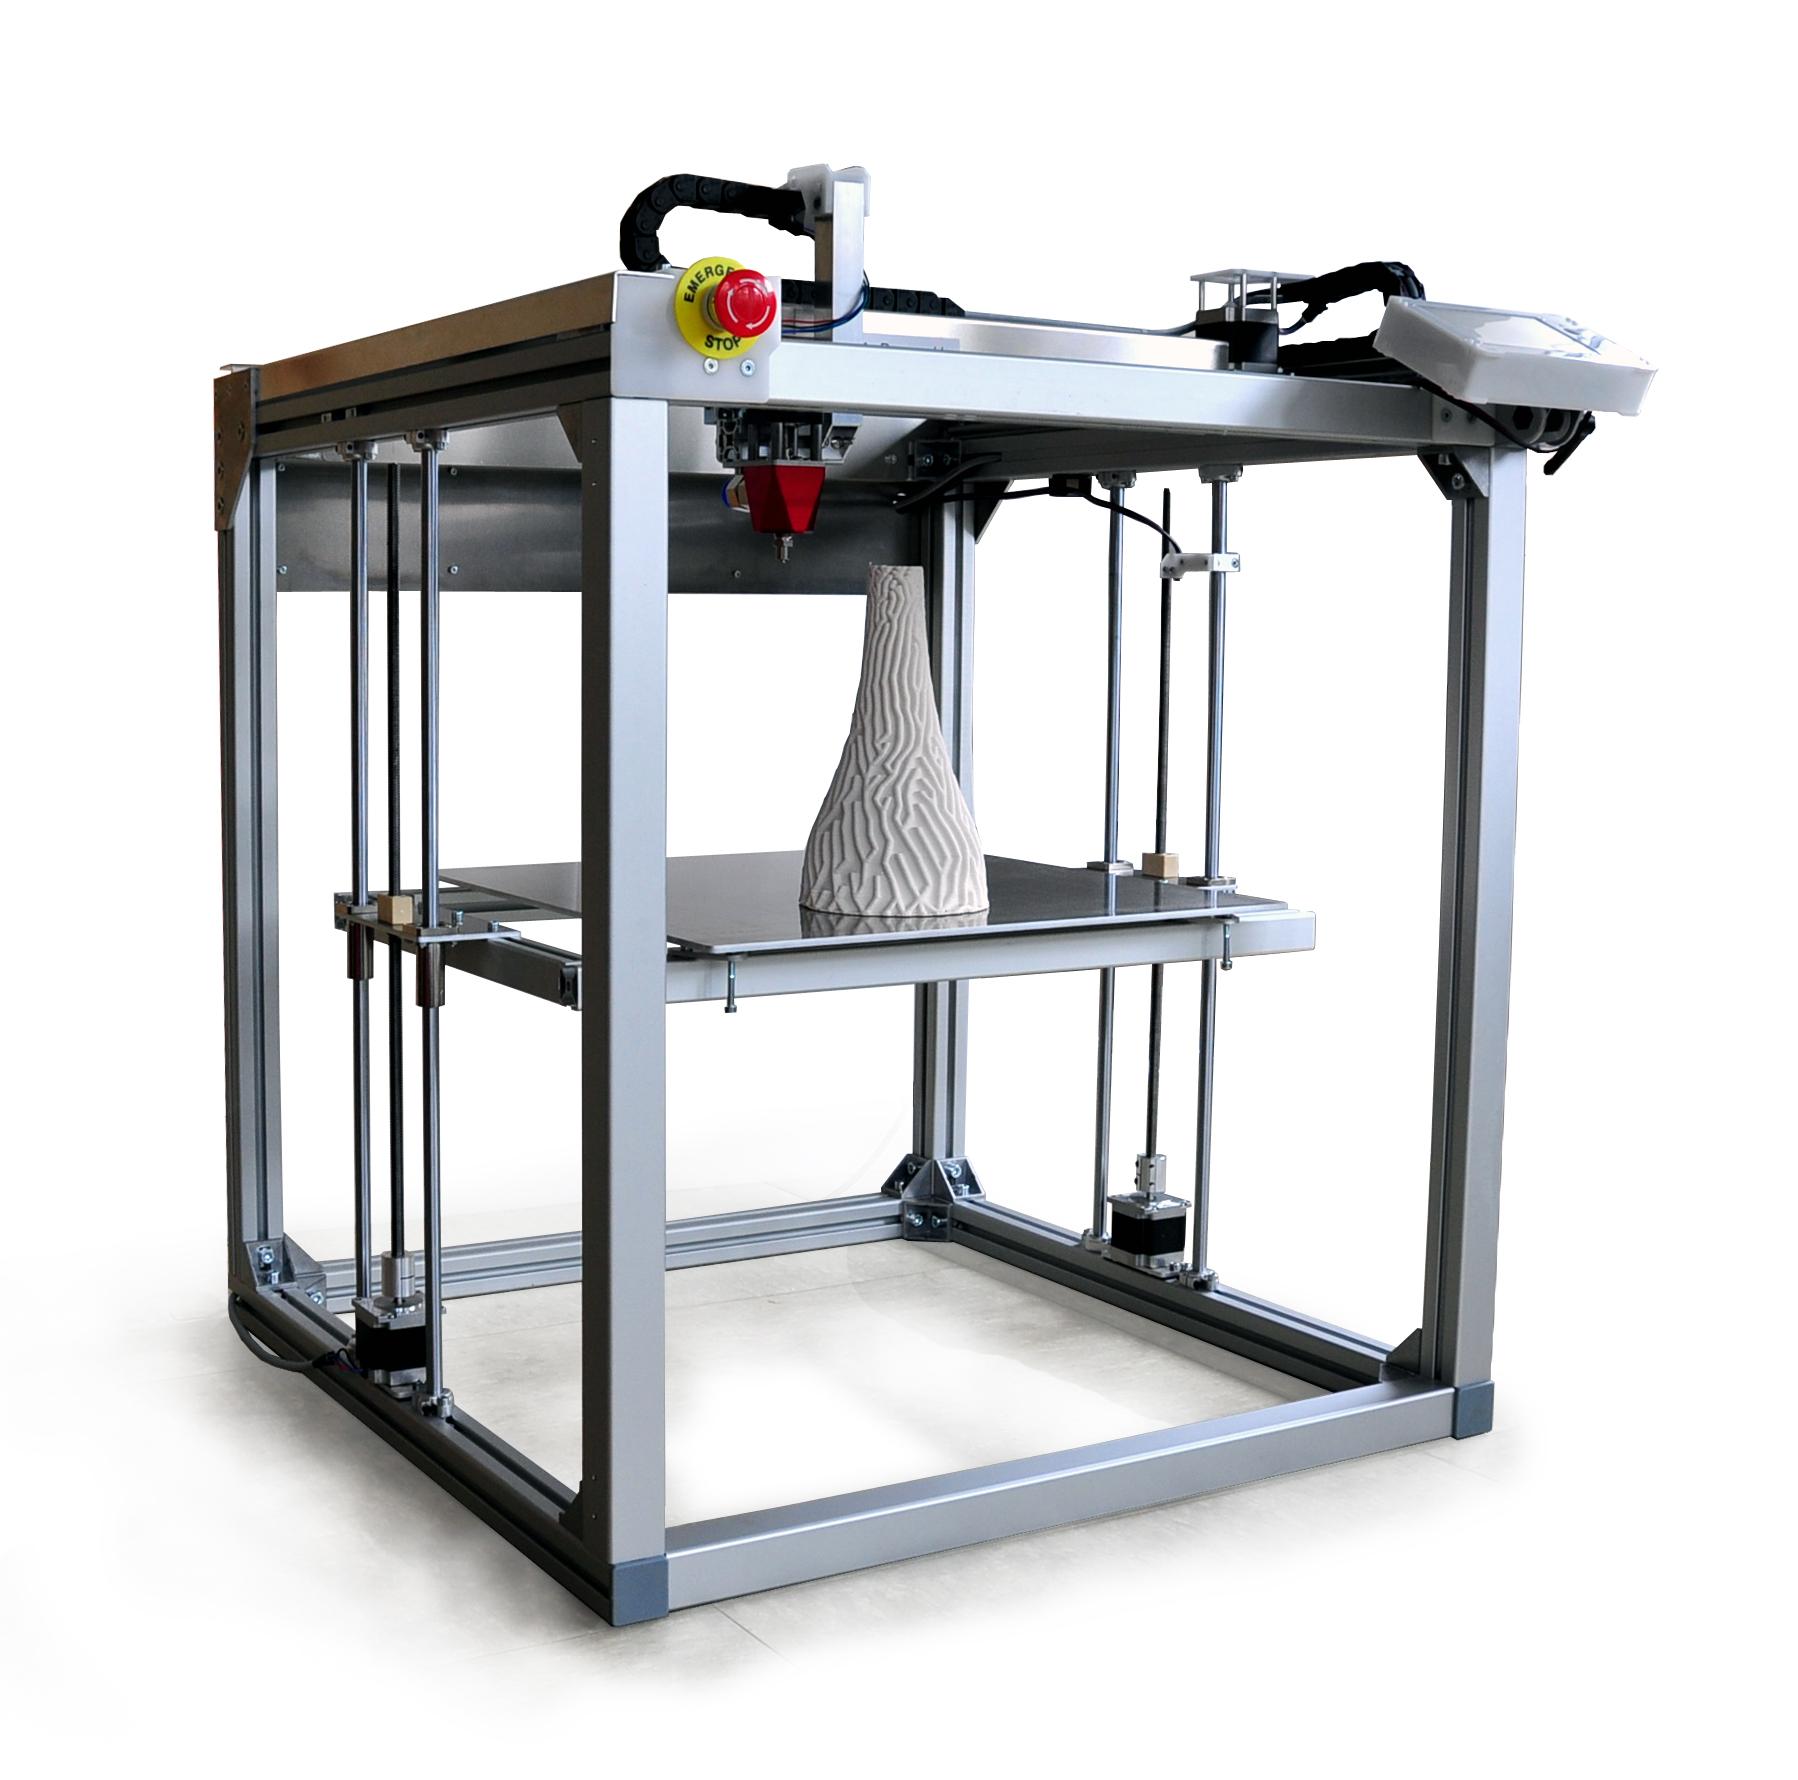 3.1 Multimaterial 3D printer